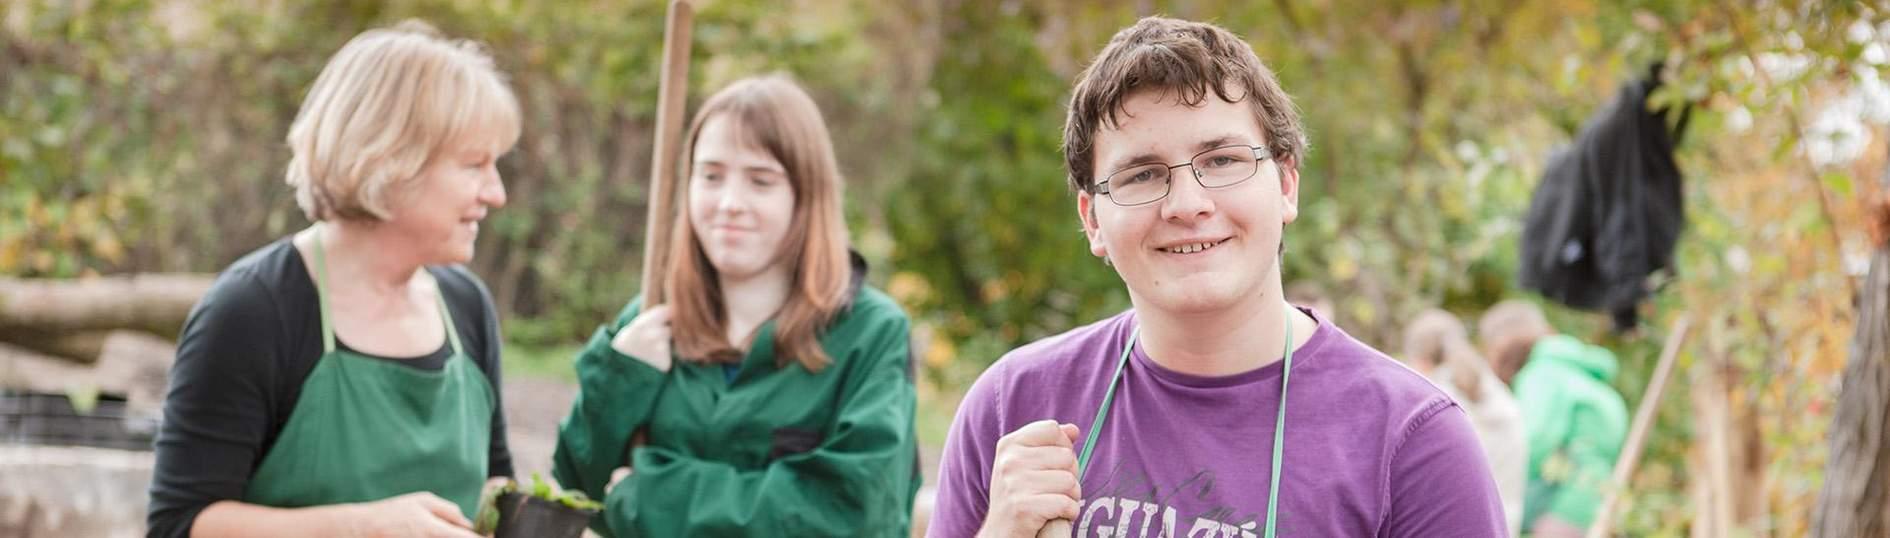 Vorqualifizierungsjahr VAB Beruf/Arbeit - SRH Stephen-Hawking-Schule